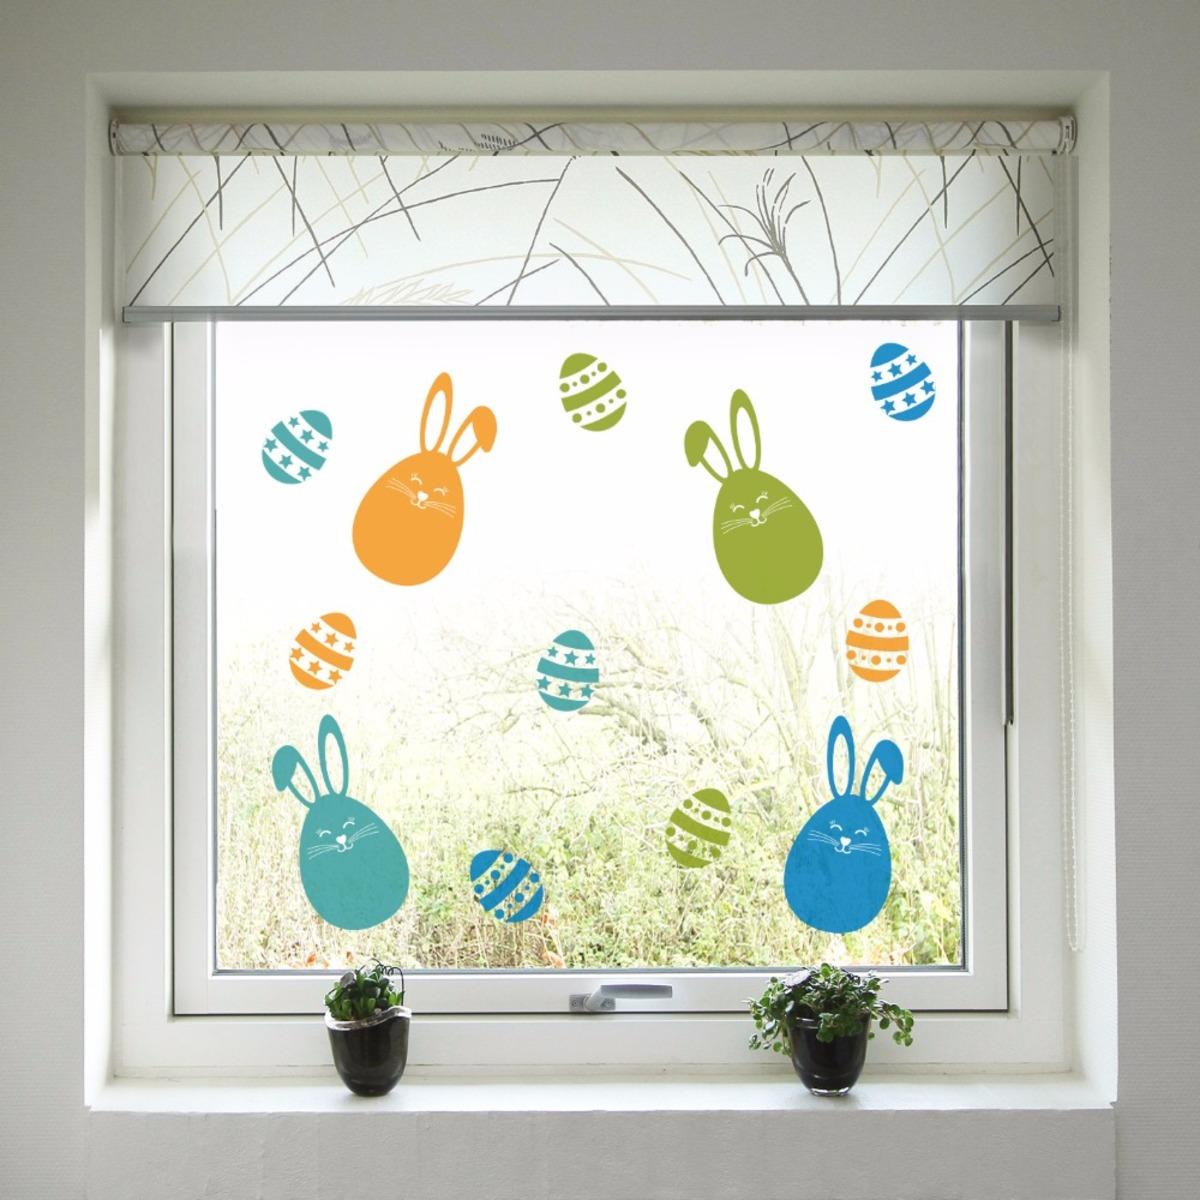 Veľkonočná dekorácia na okno - farební zajačikovia a kraslice 60x40